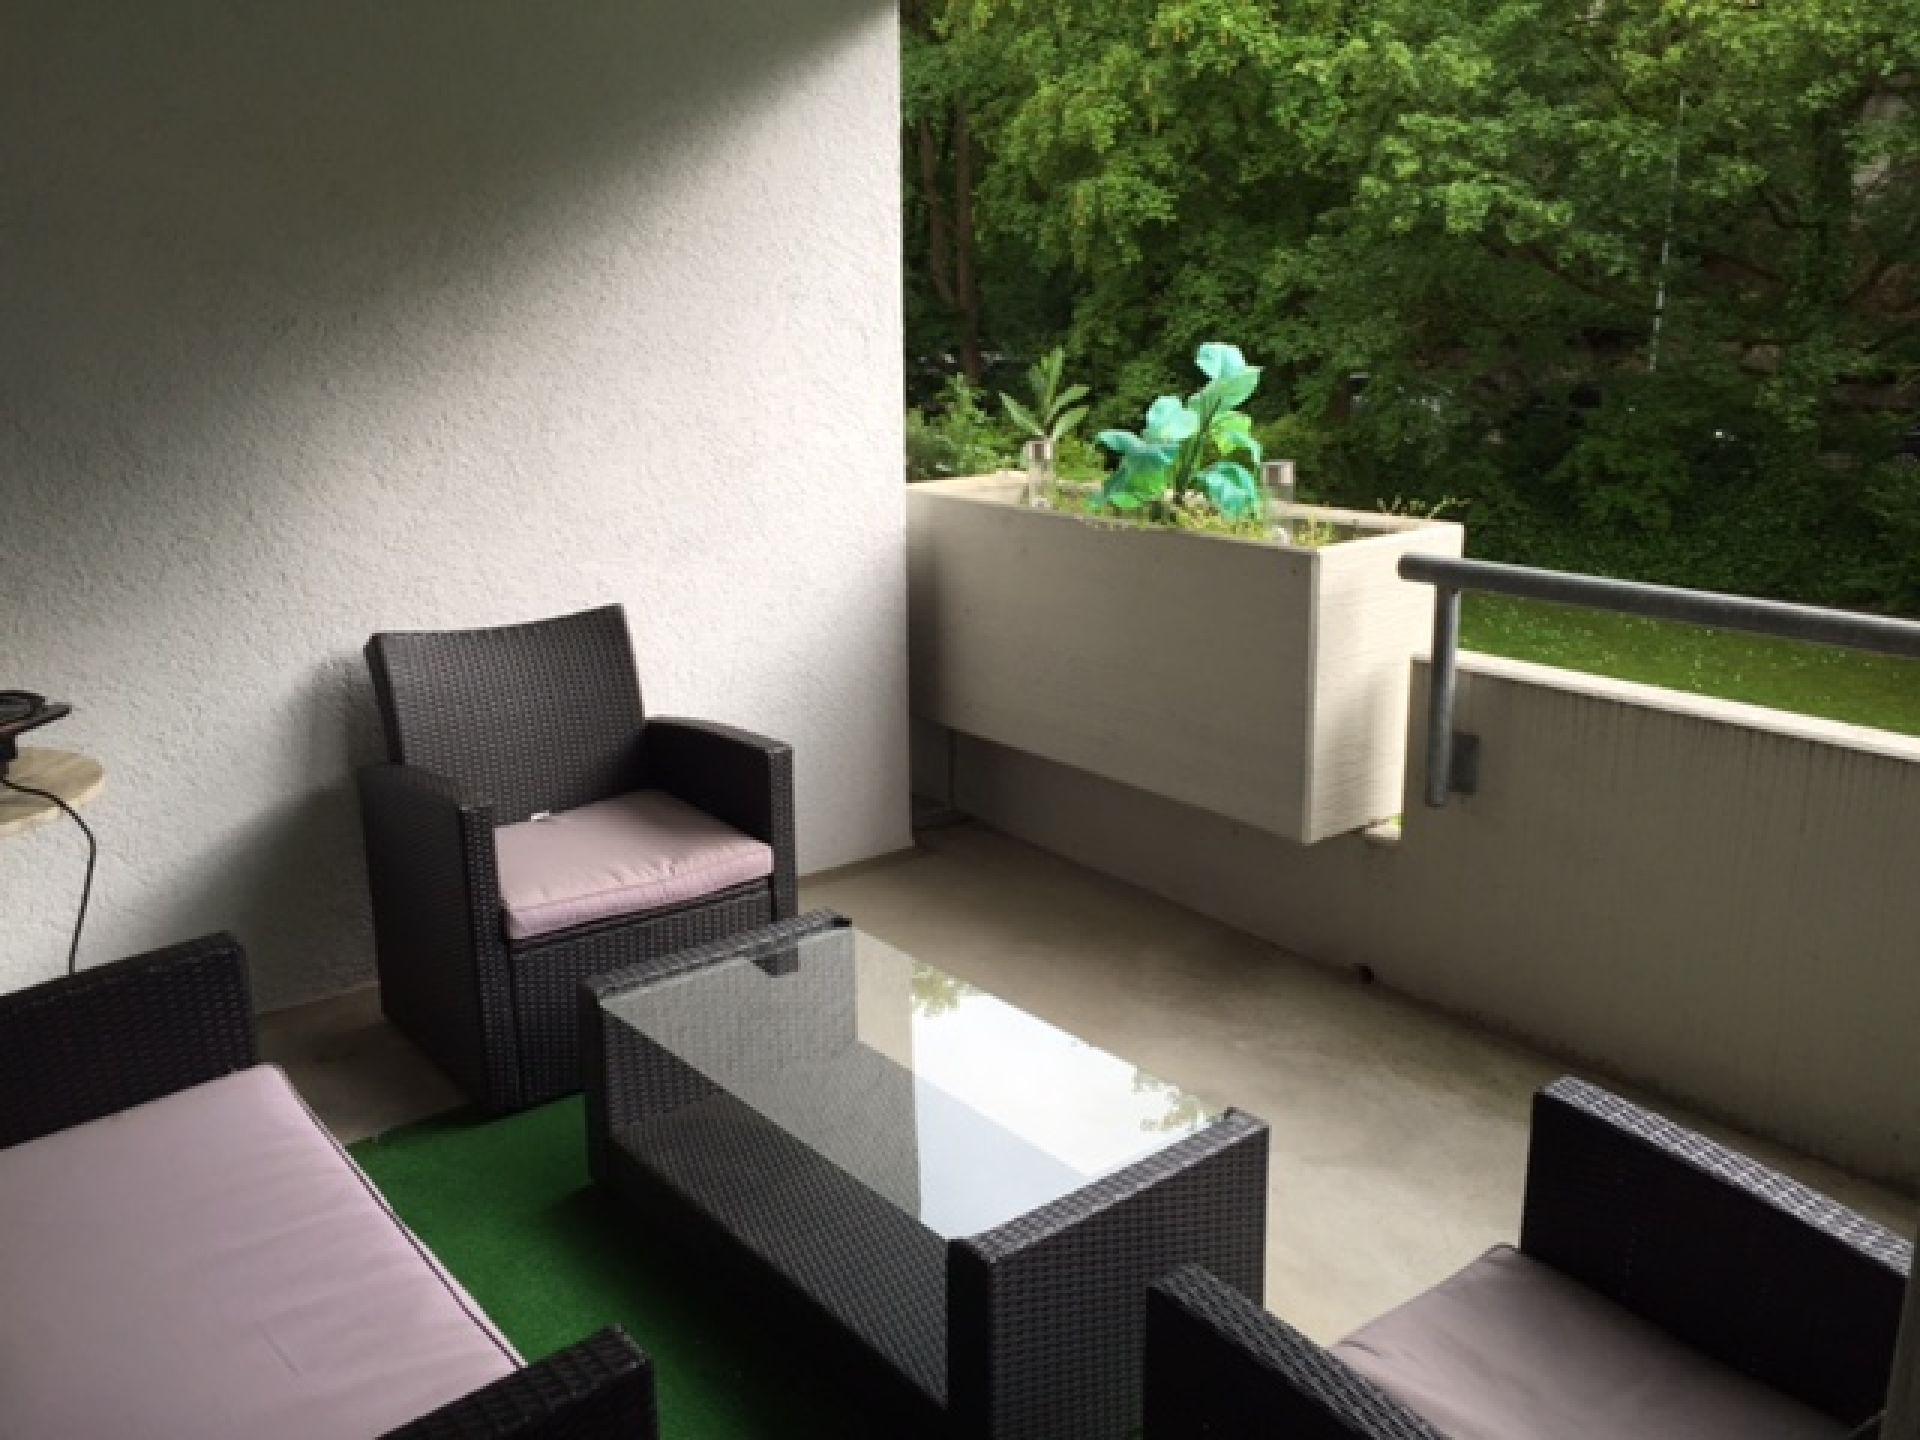 Miete: gemütliche Wohnung mit Balkon